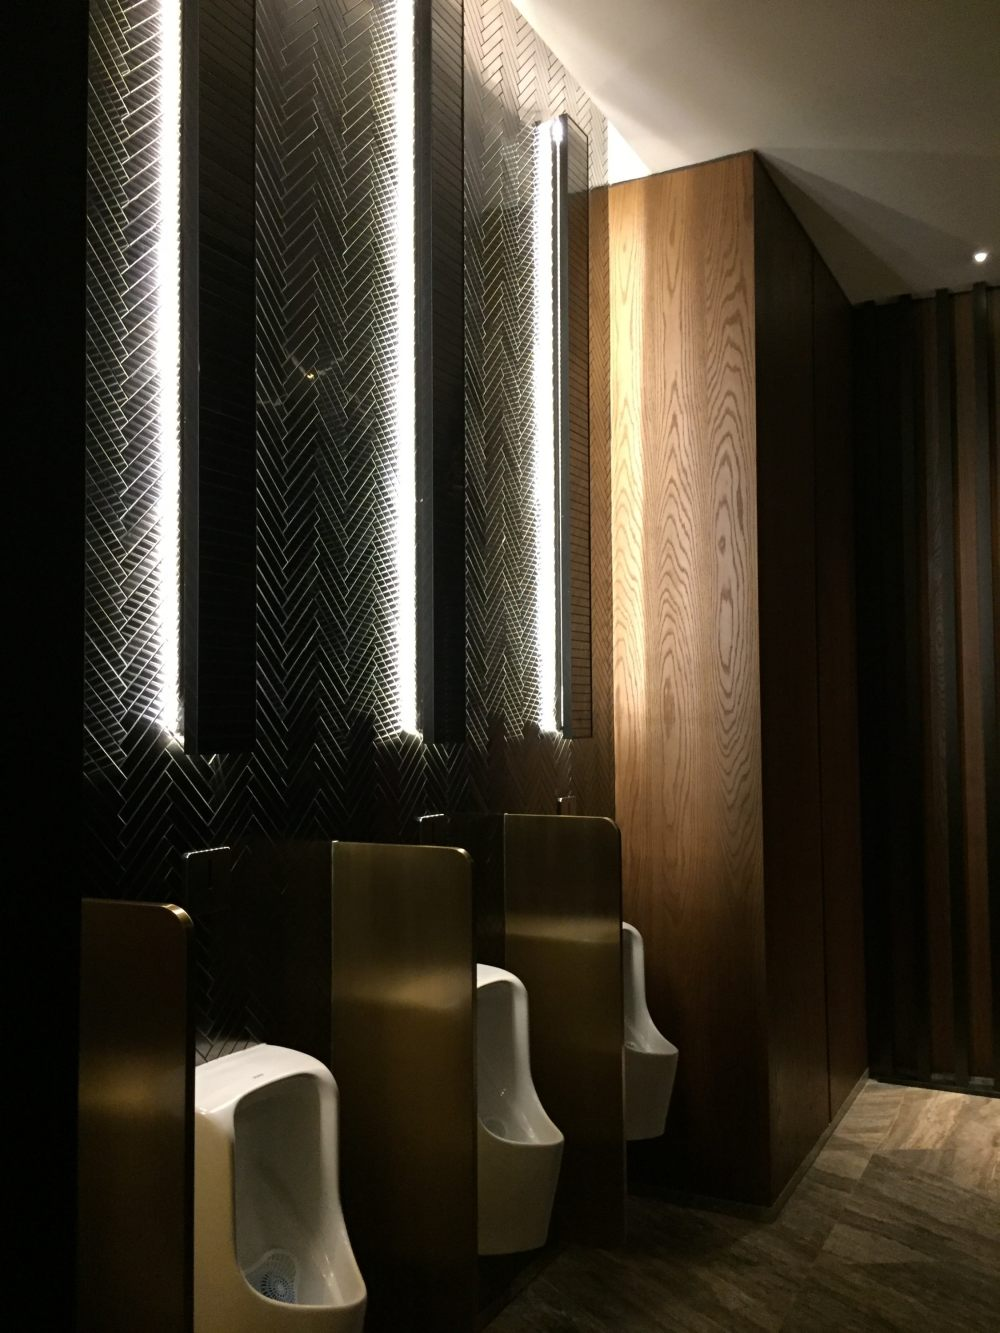 上海外滩W酒店,史上最全入住体验 自拍分享,申请置...._IMG_5978.JPG